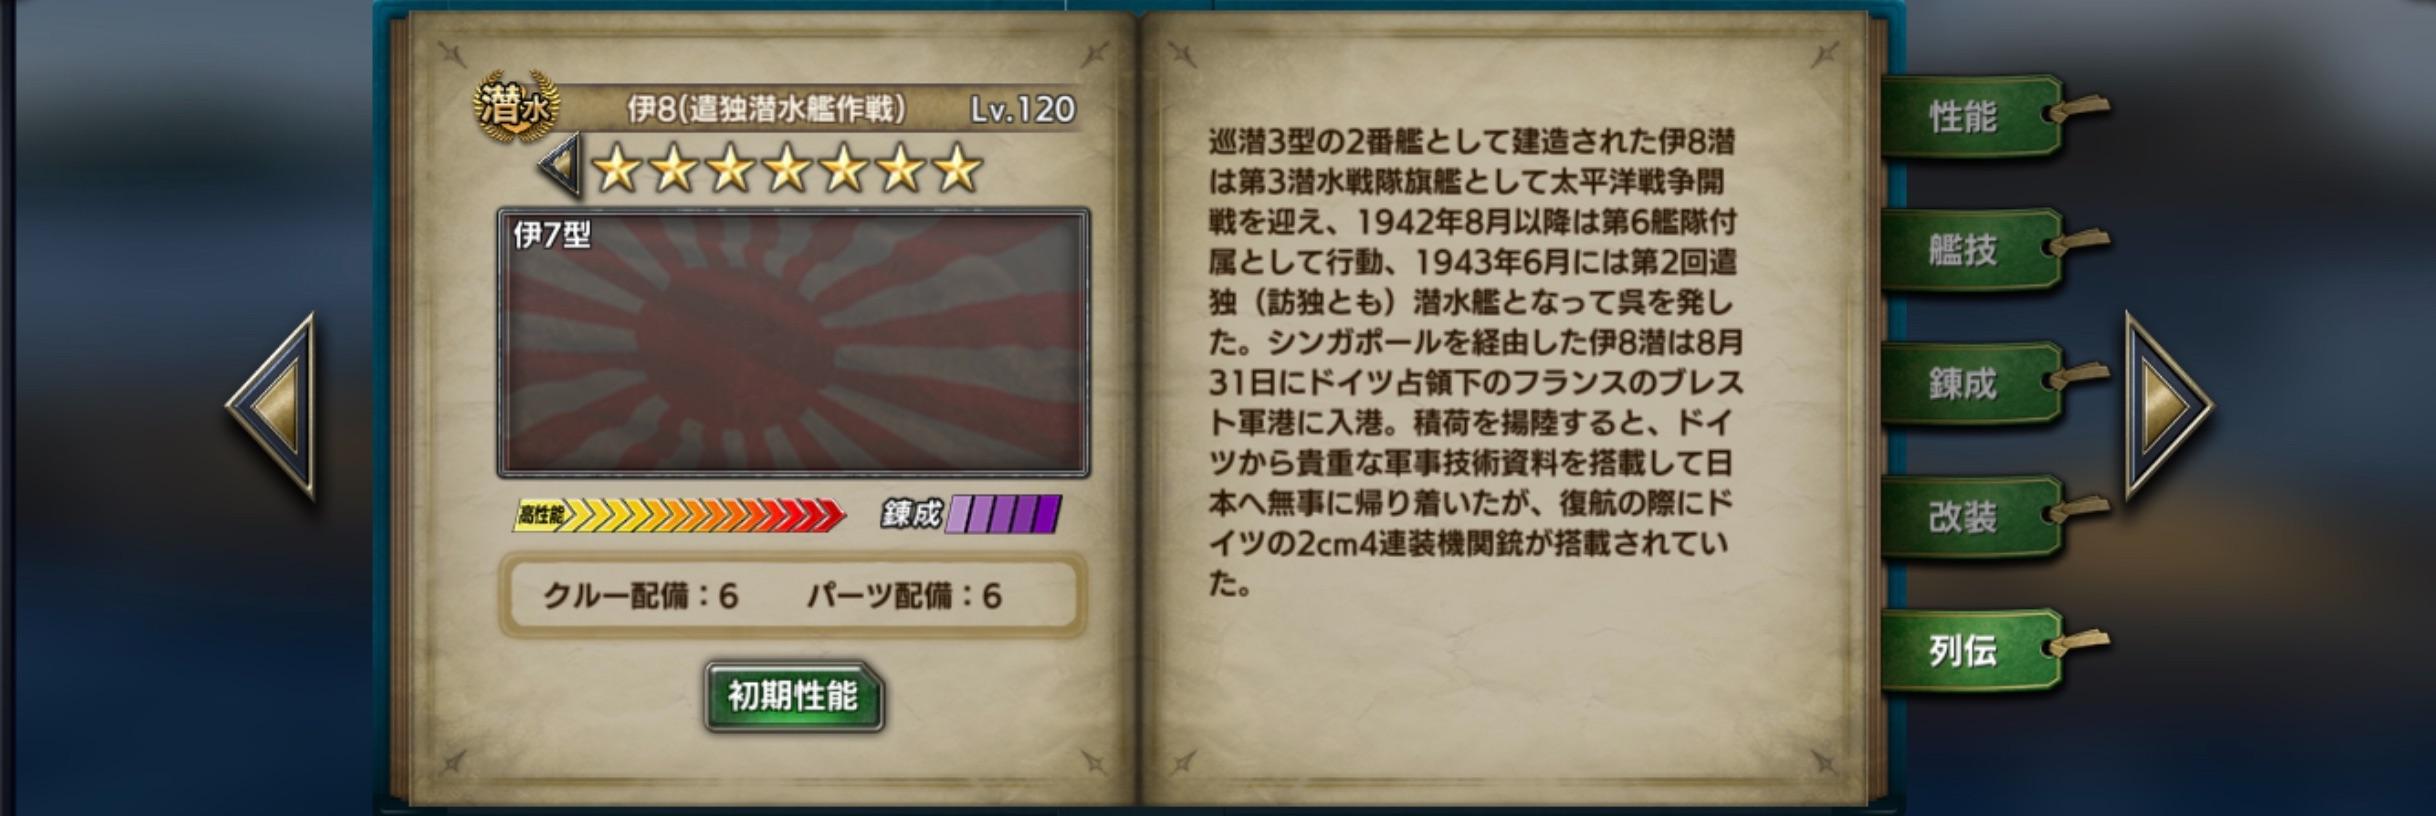 i8G-history